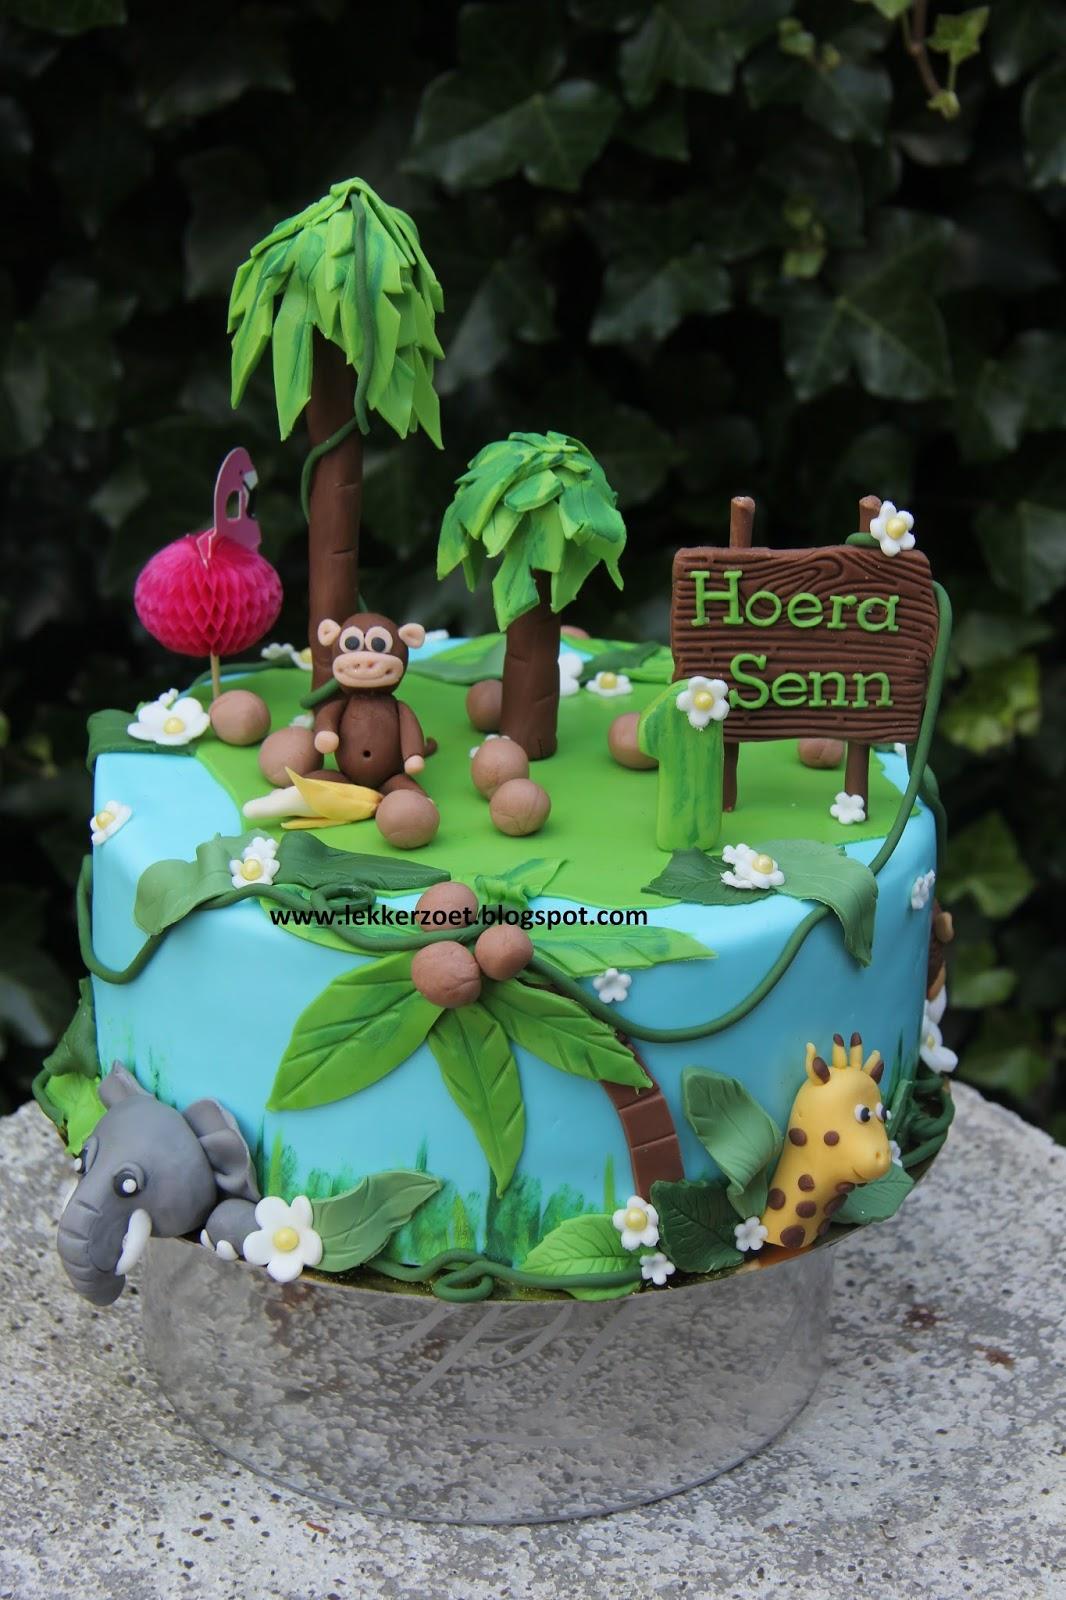 Geliefde lekker zoet: jungle taart voor Senn 1 jaar @OC05